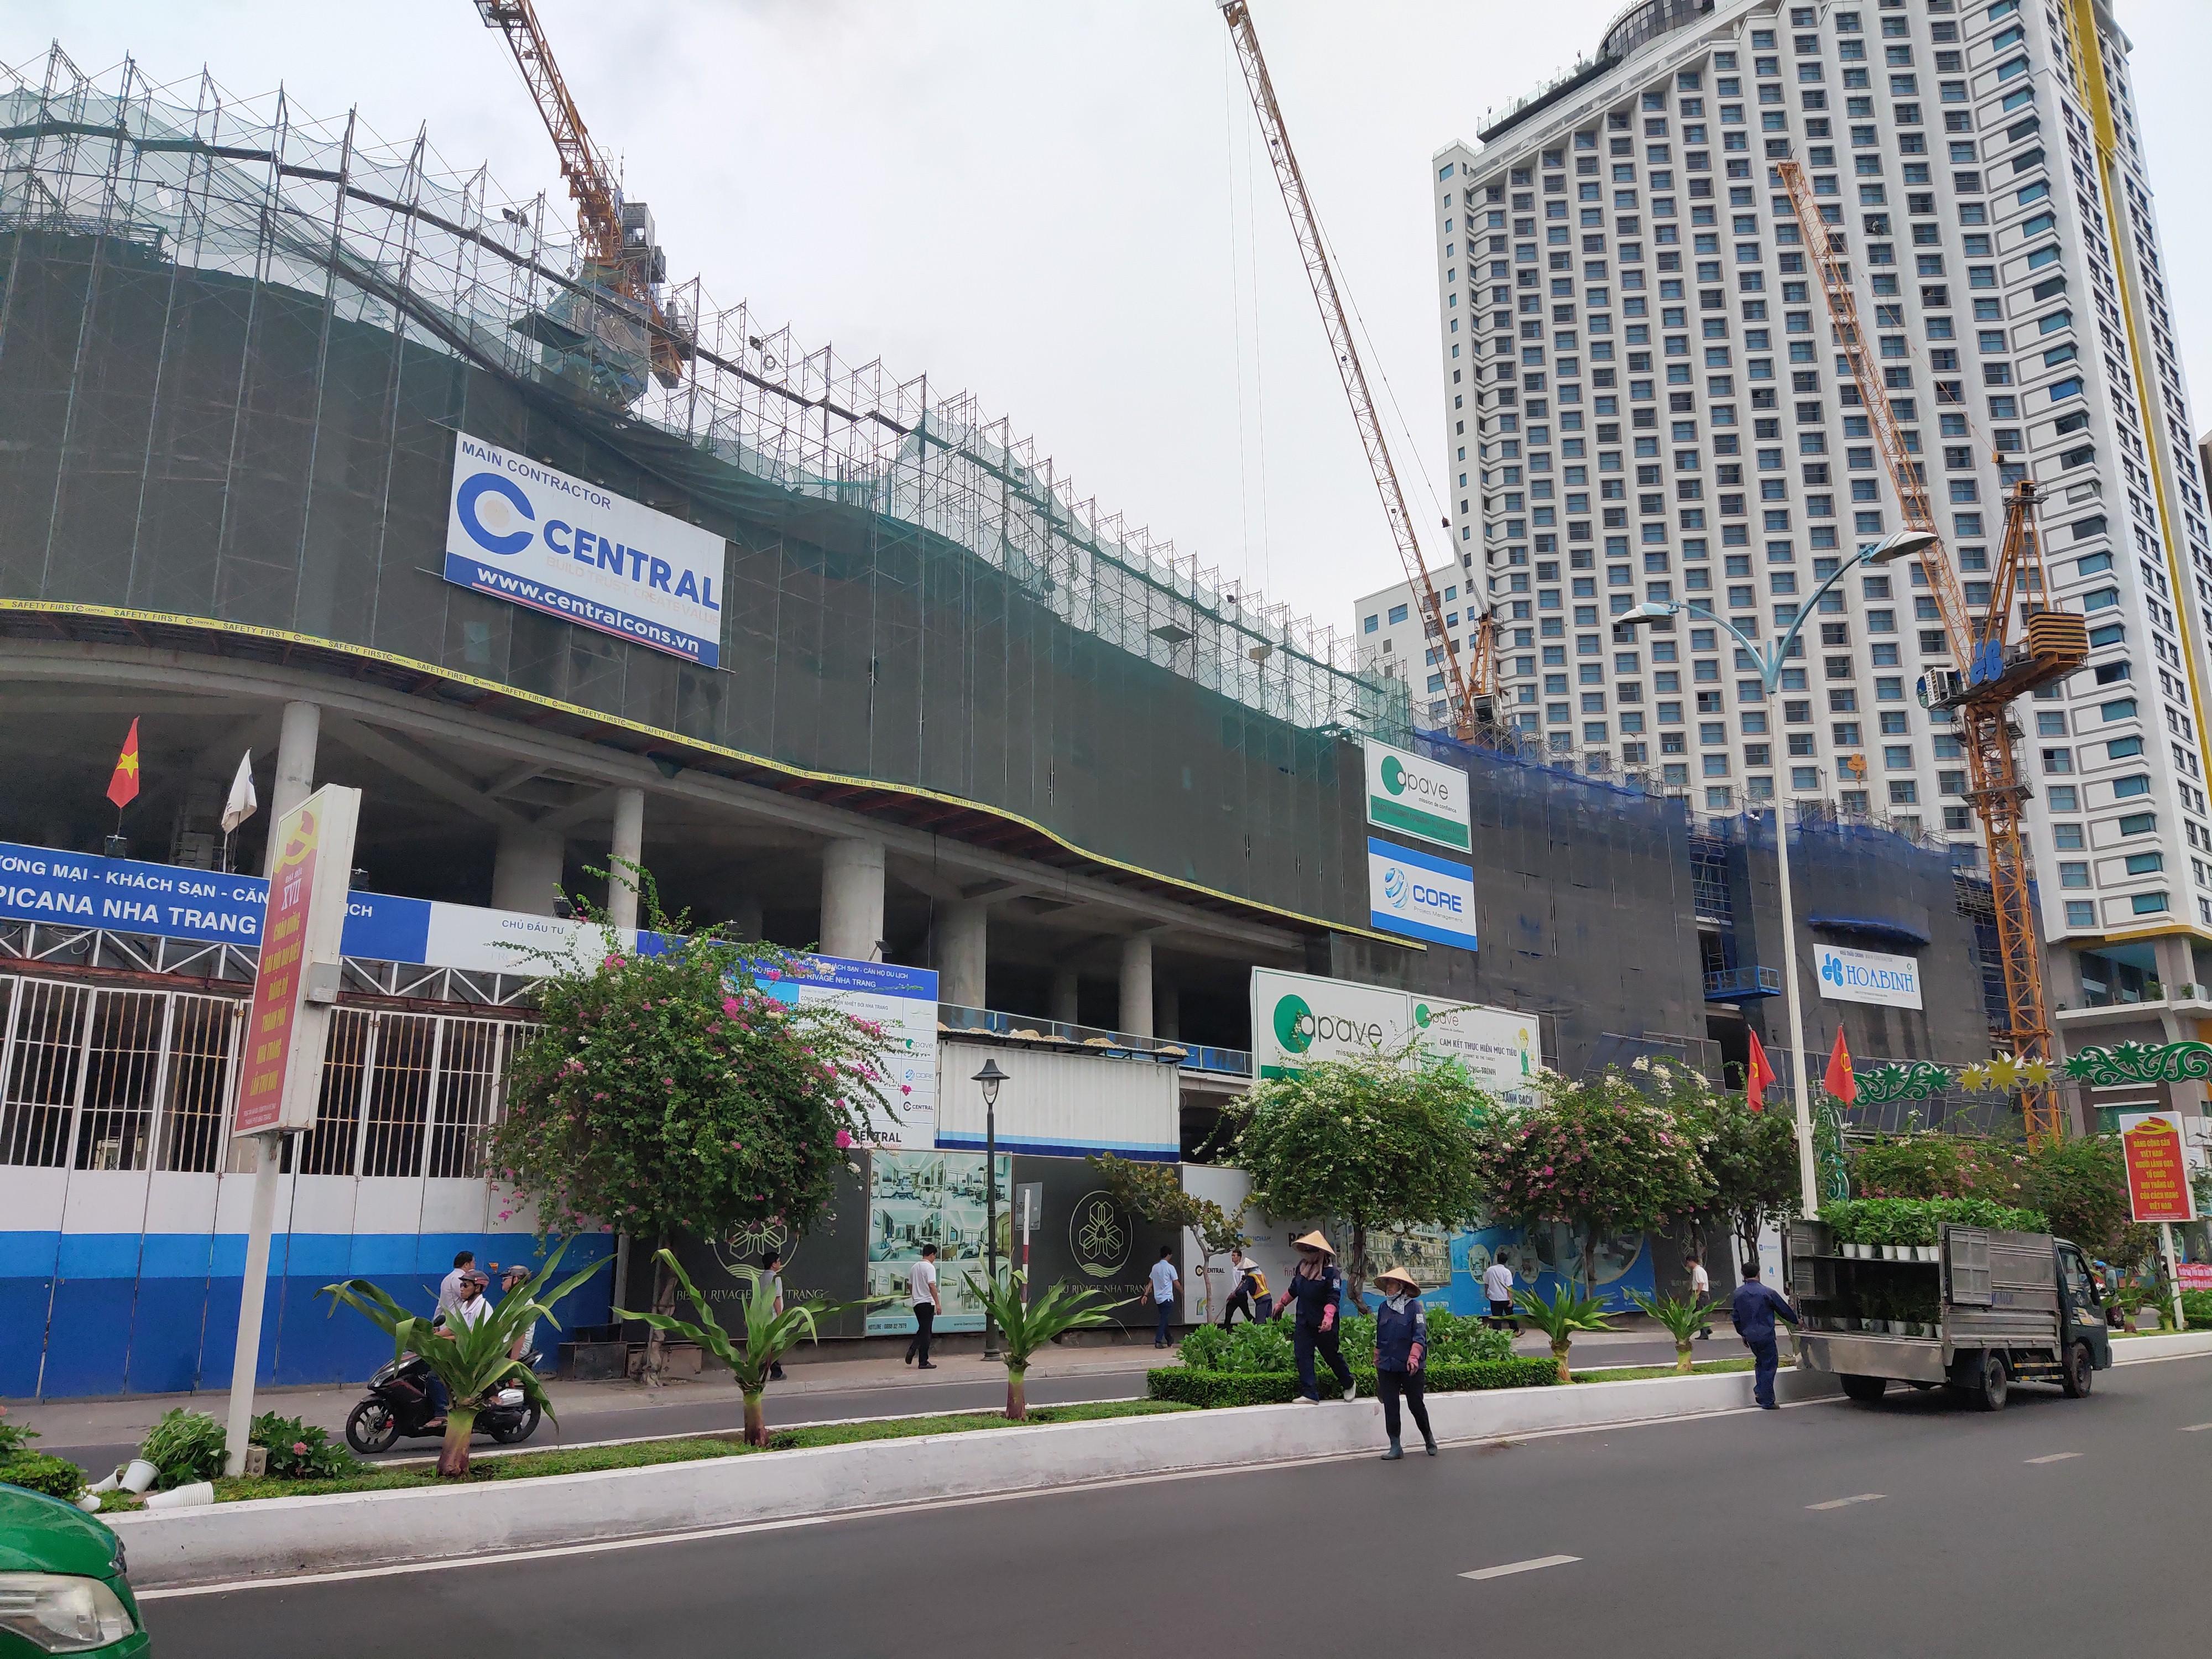 Chủ đầu tư siêu dự án Tropicana Nha Trang bị tố không trả tiền cho nhà thầu - Ảnh 1.